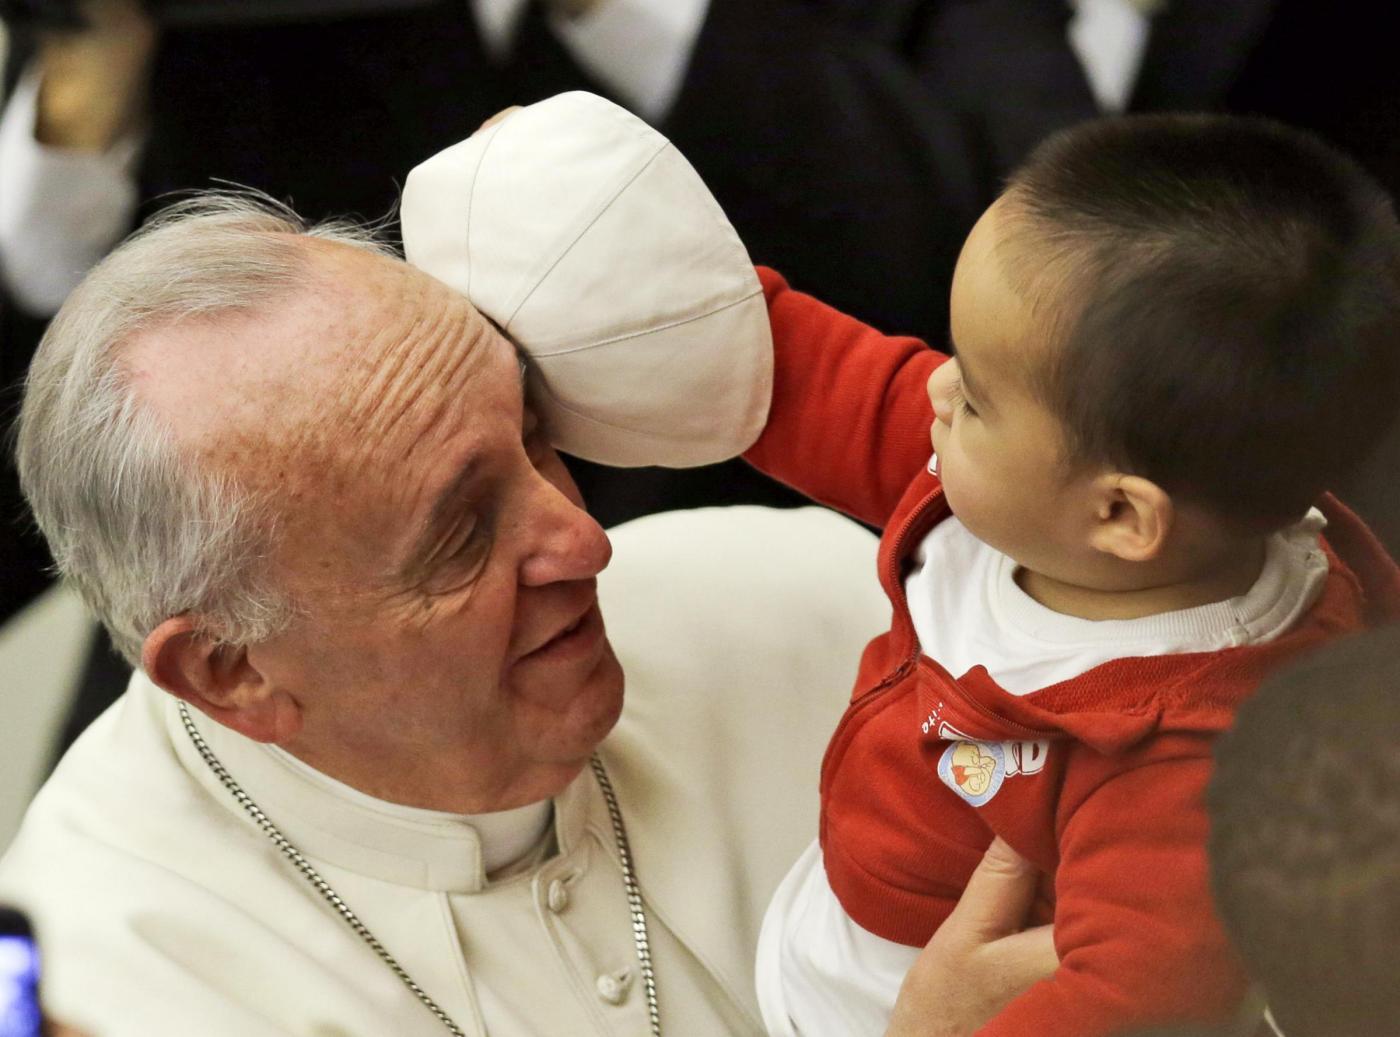 """Cristianisme i Justícia llama a una """"revolución del afecto y la ternura"""""""